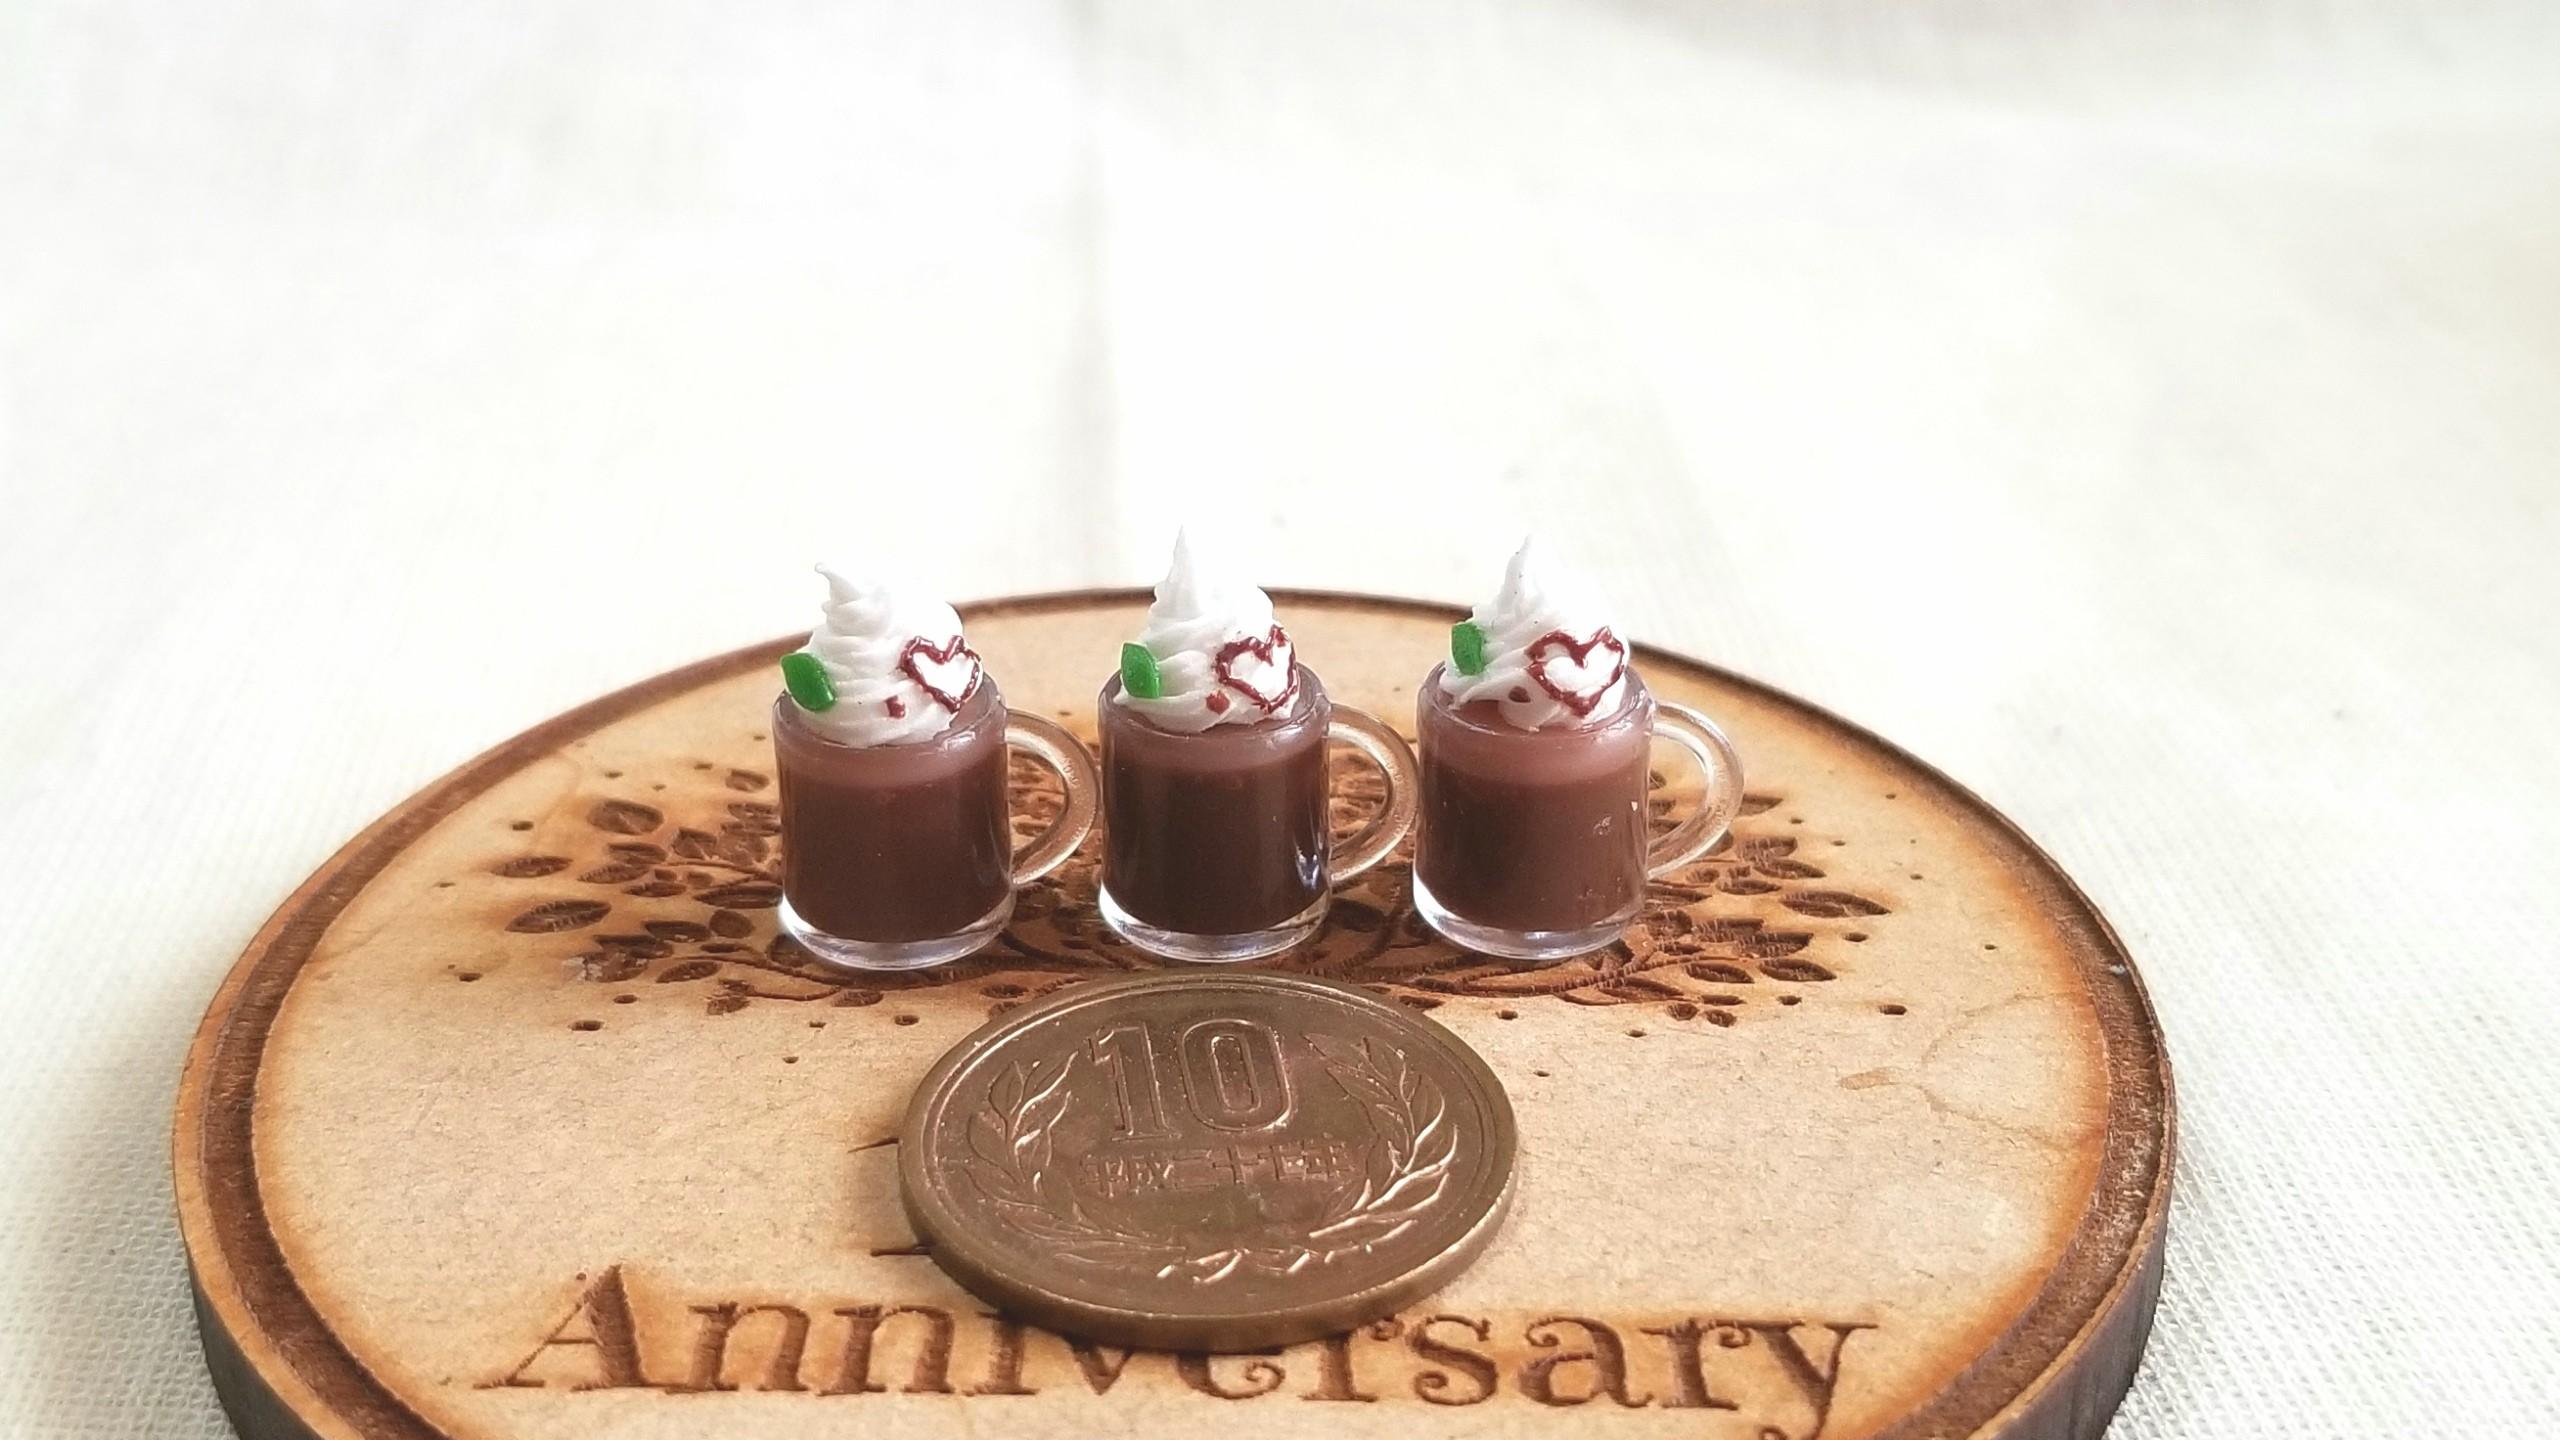 ミニチュア,チョコレートフロート,バレンタイン,ミンネで販売中